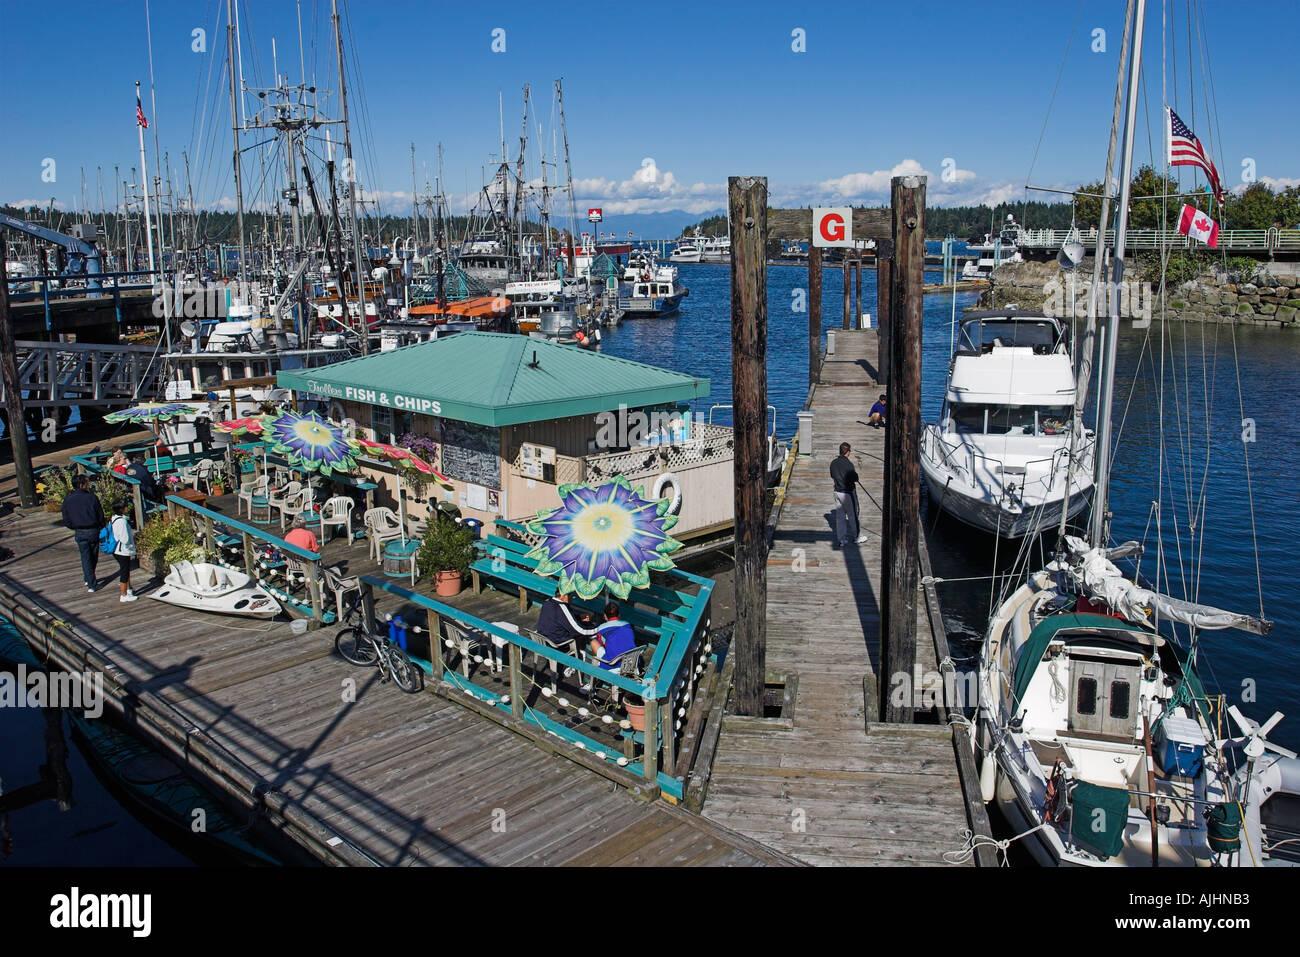 Marina and waterfront attractions nanaimo vancouver island british marina and waterfront attractions nanaimo vancouver island british columbia canada publicscrutiny Choice Image